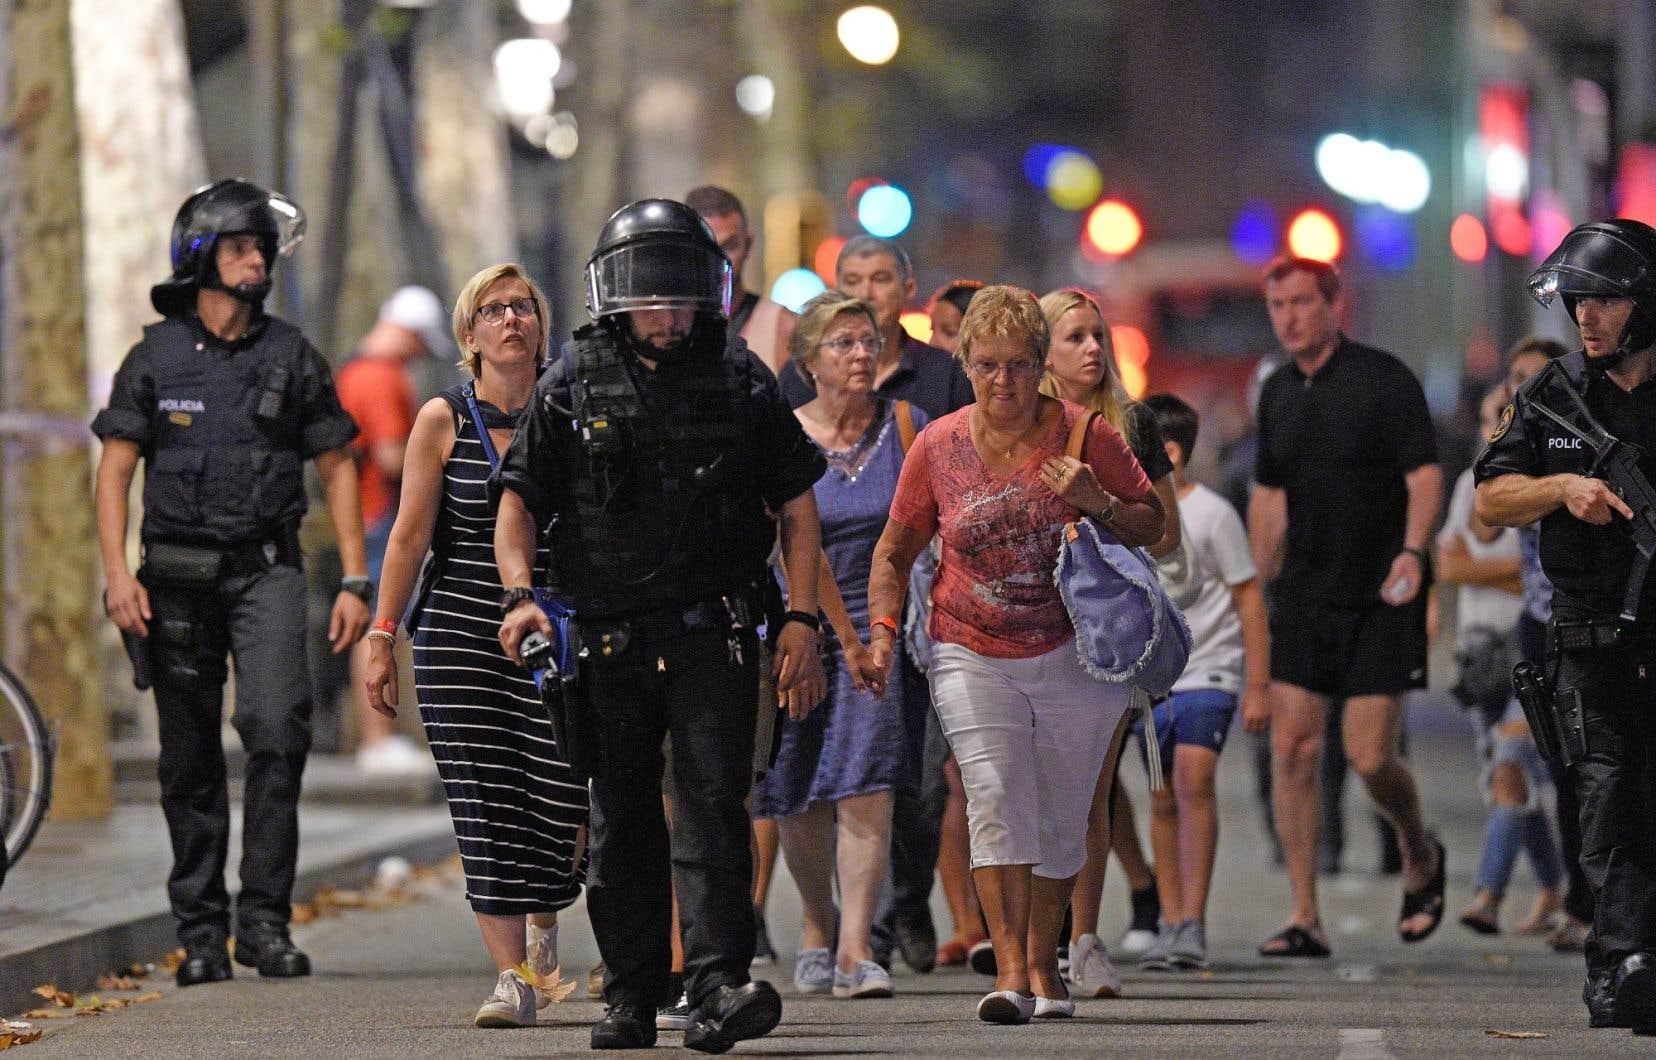 Des policiers escortent un groupe de clients d'un magasin du centre-ville touristique de Barcelone vers un endroit sécuritaire.